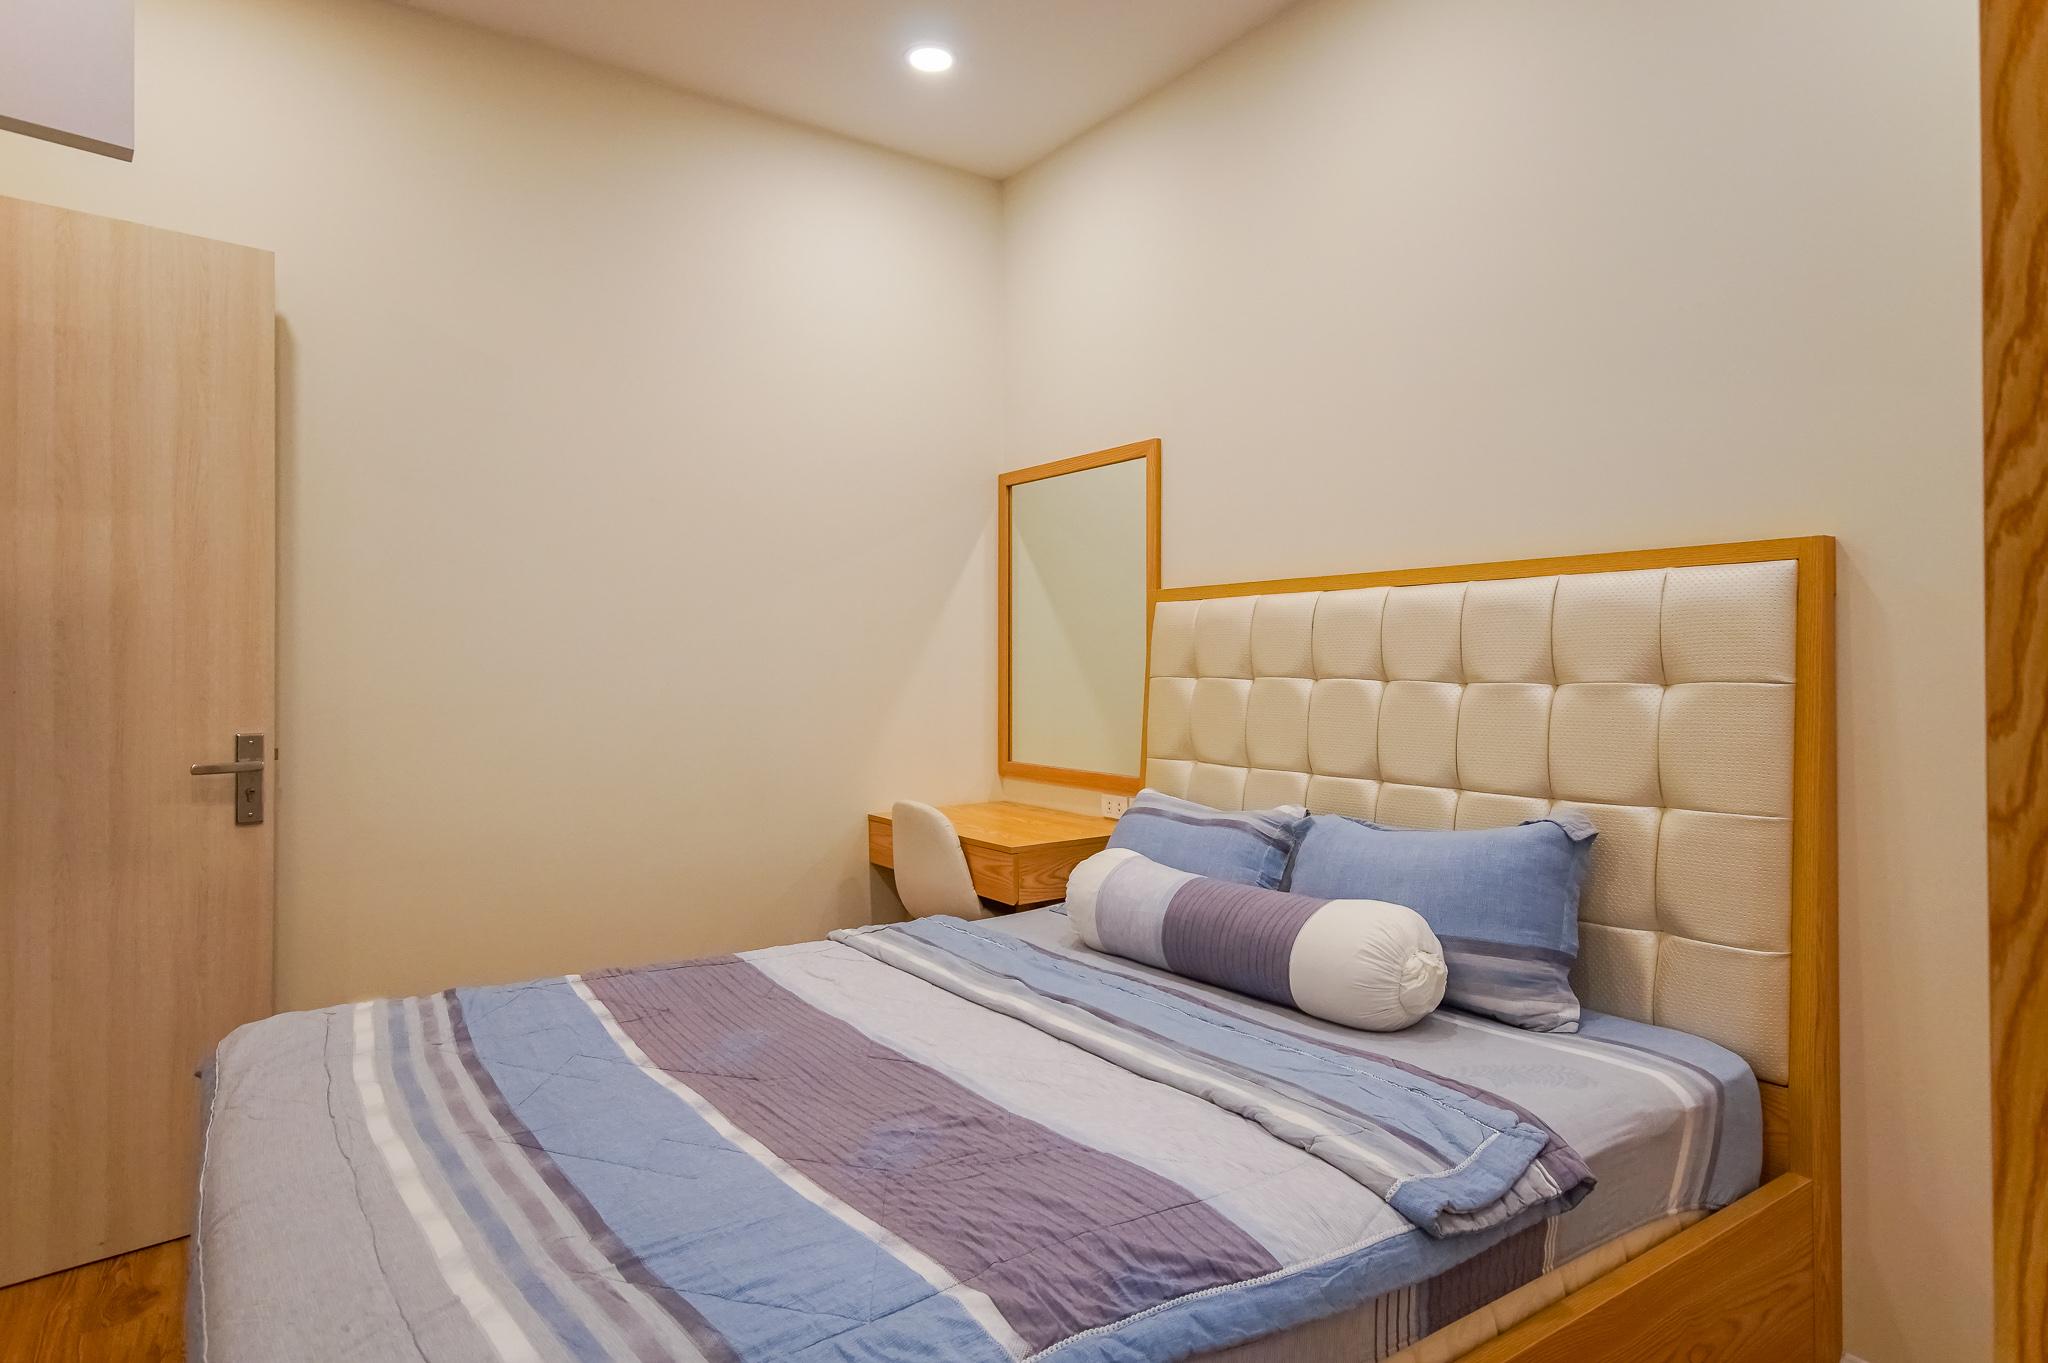 Cho Thuê Căn Hộ Dịch Vụ 1 Phòng Ngủ Đầy Đủ Nội Thất & Tươi Sáng-18